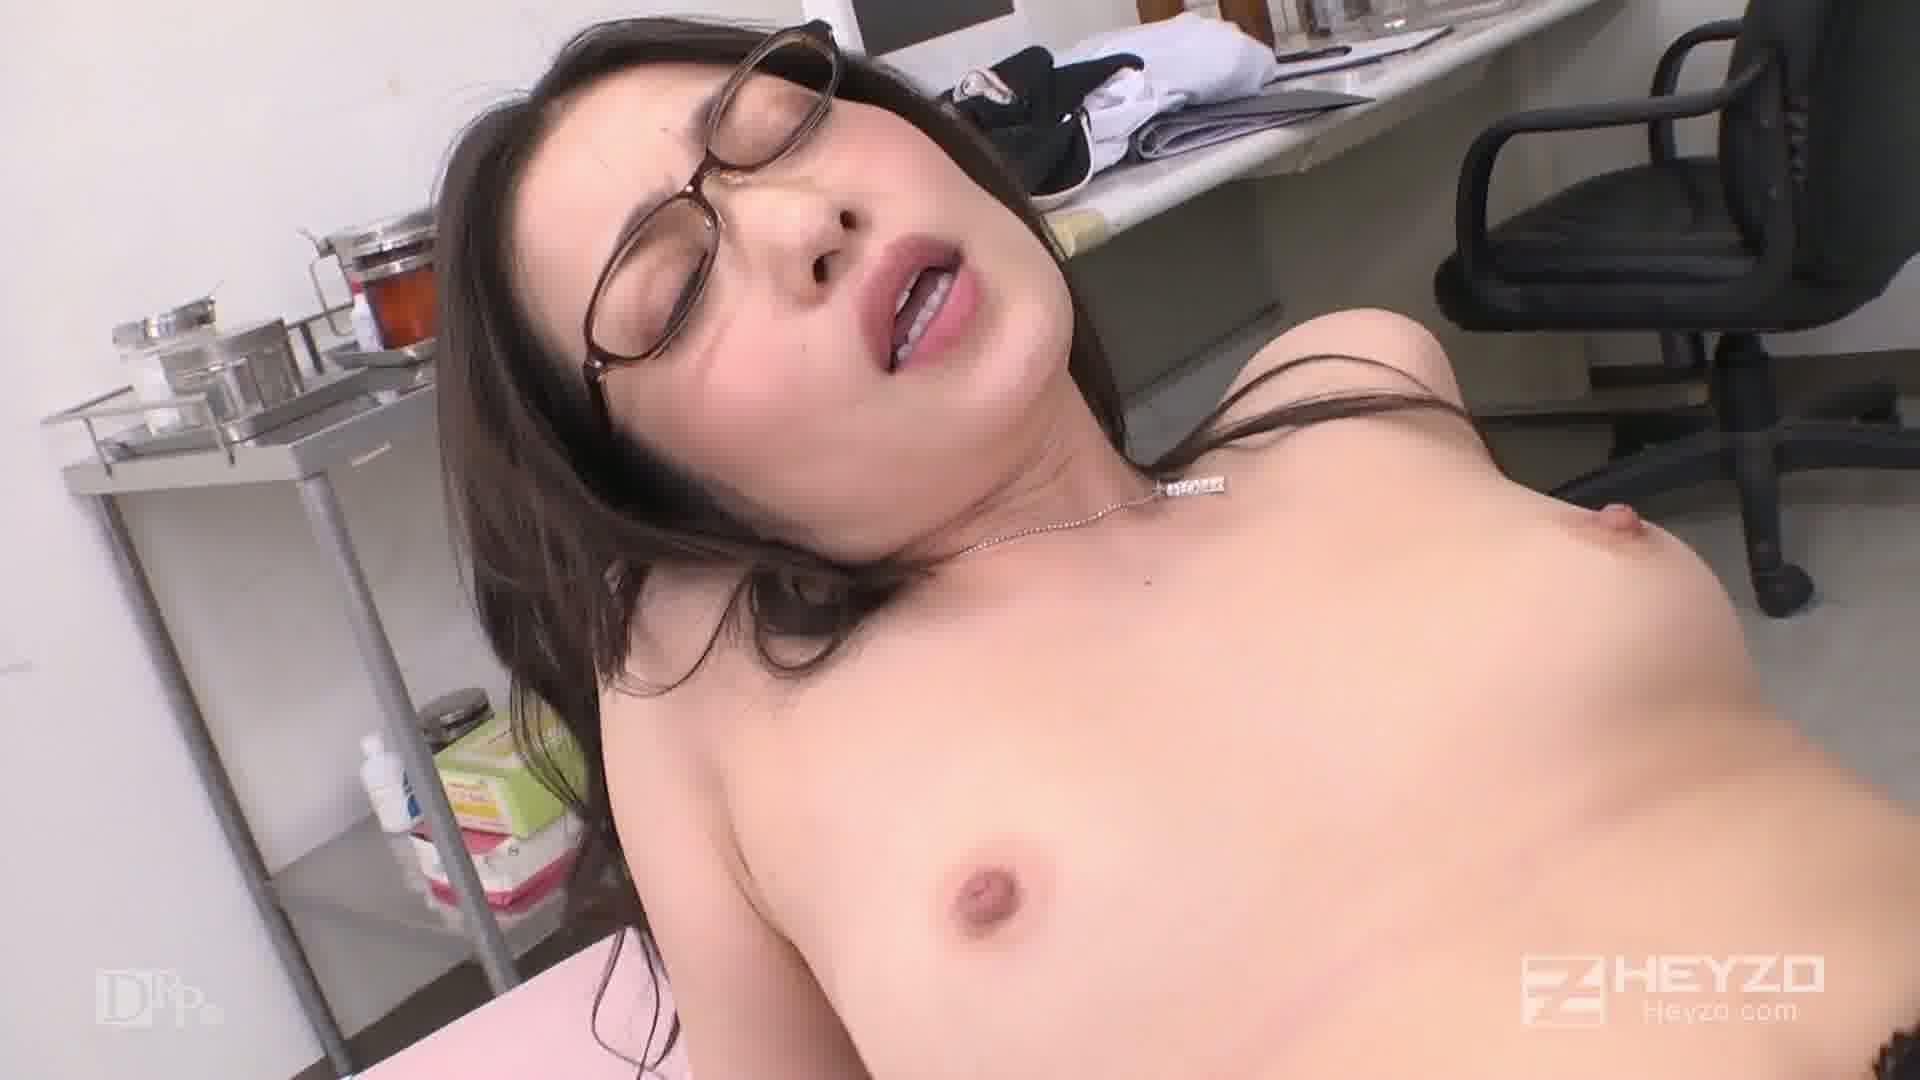 美痴女~Sな女医の快楽治療~ - 江波りゅう【69 騎乗位 バック 側位 中出し】